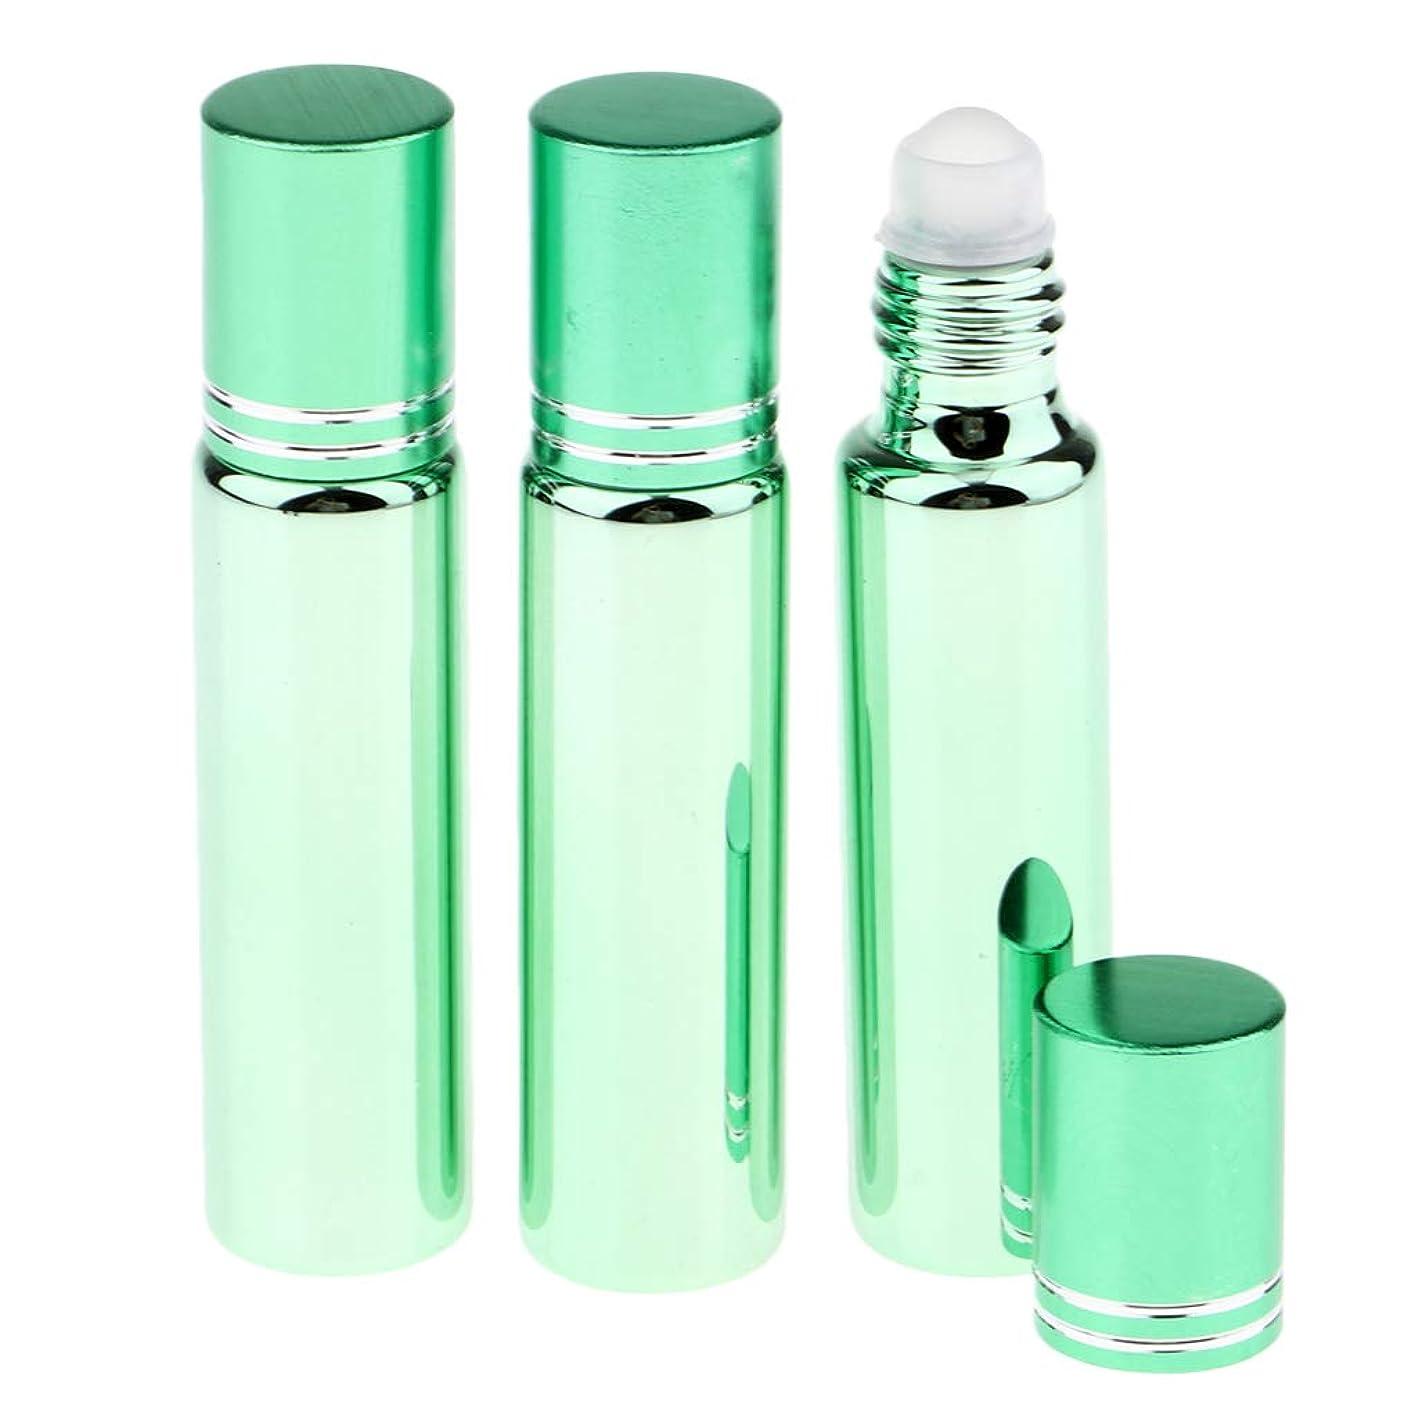 プログラムベルト土器SM SunniMix 空 ローラーボトル リップグロスボトル 香水容器 エッセンシャルオイル 香水瓶 ロールオン 化粧道具 全5色 - 緑